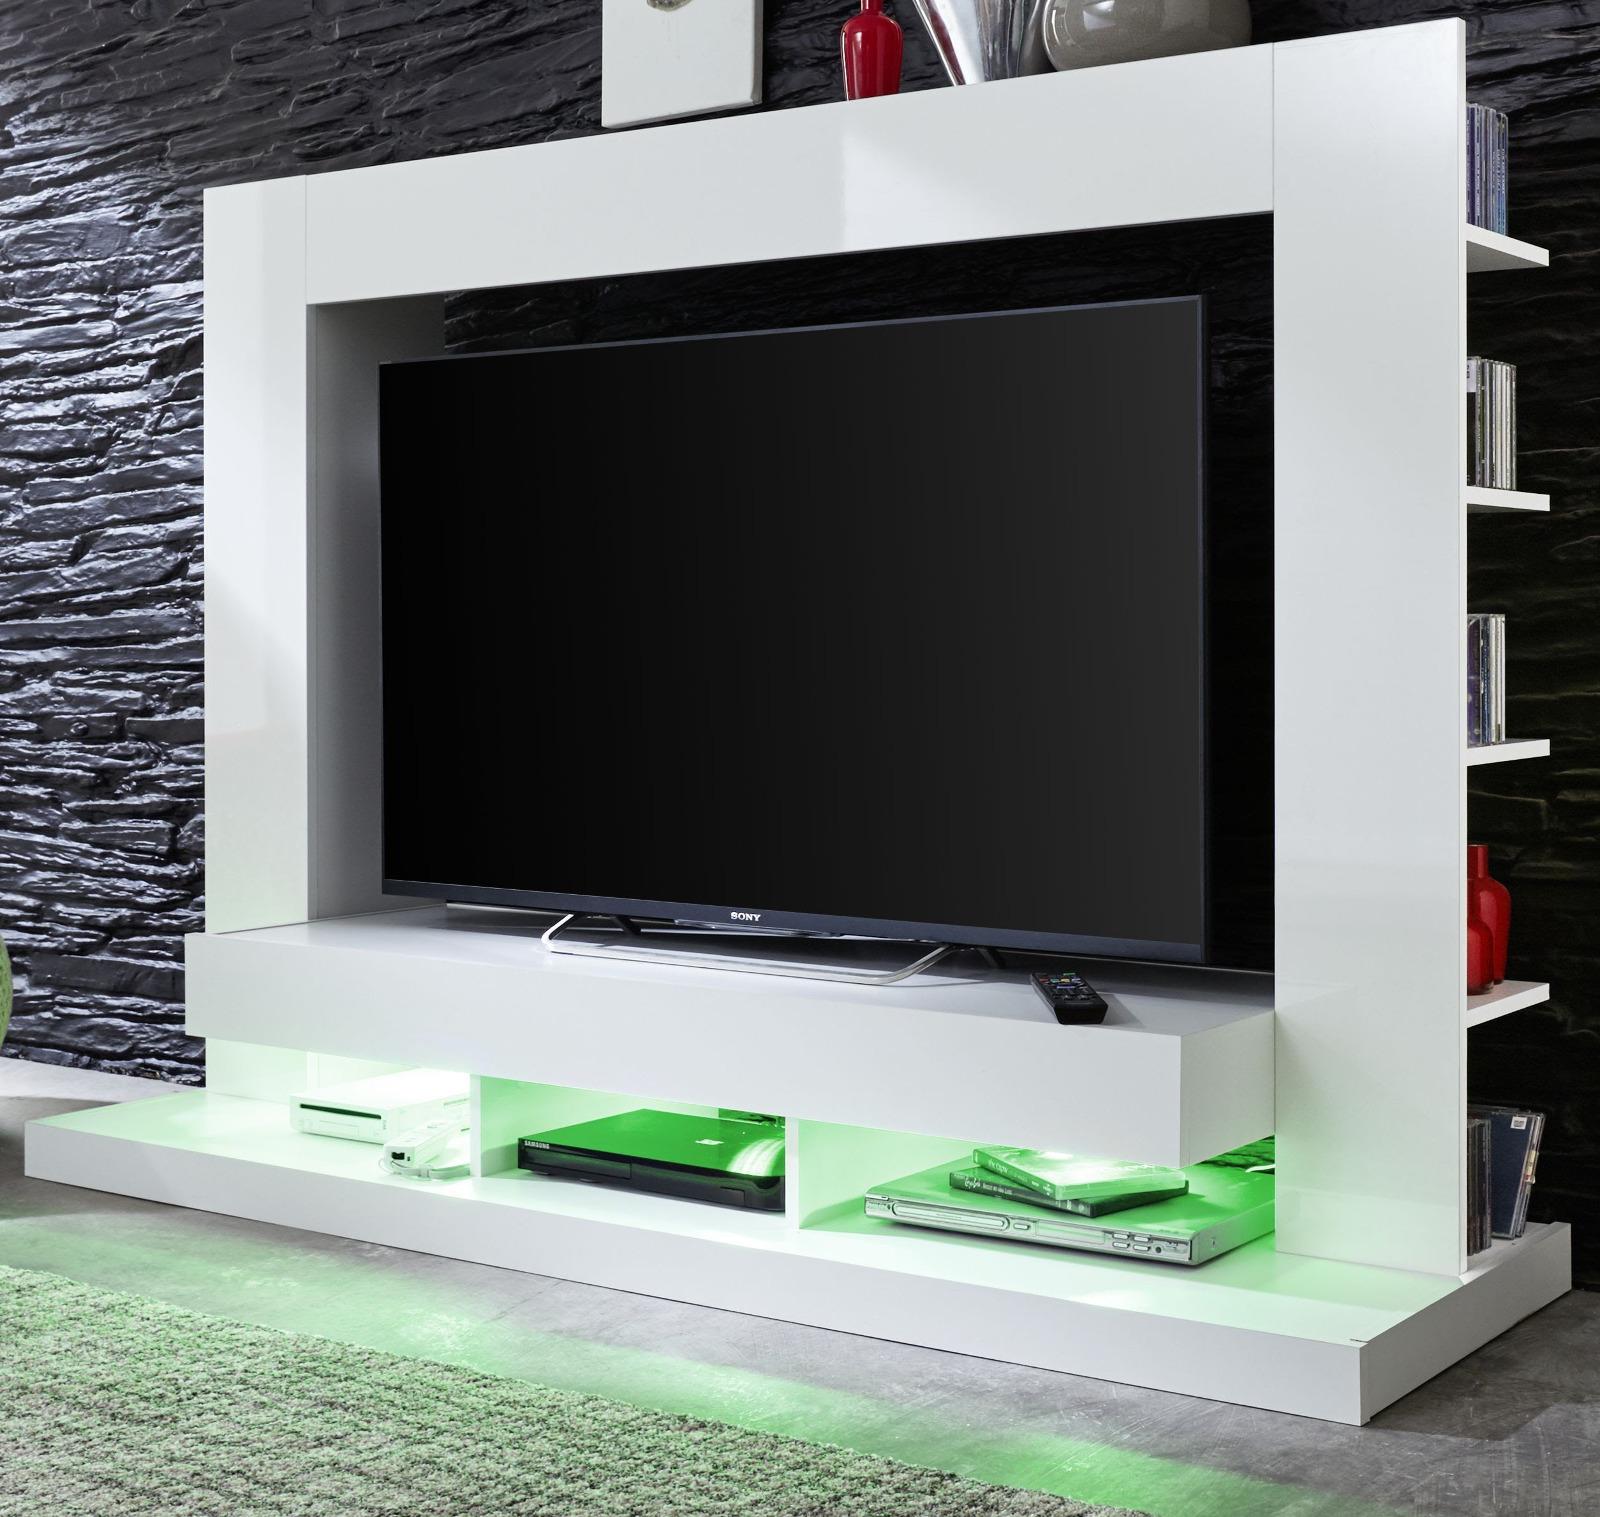 Fernsehschrank mit schiebetür  Teakholz Möbel Wohnzimmer | ambiznes.com